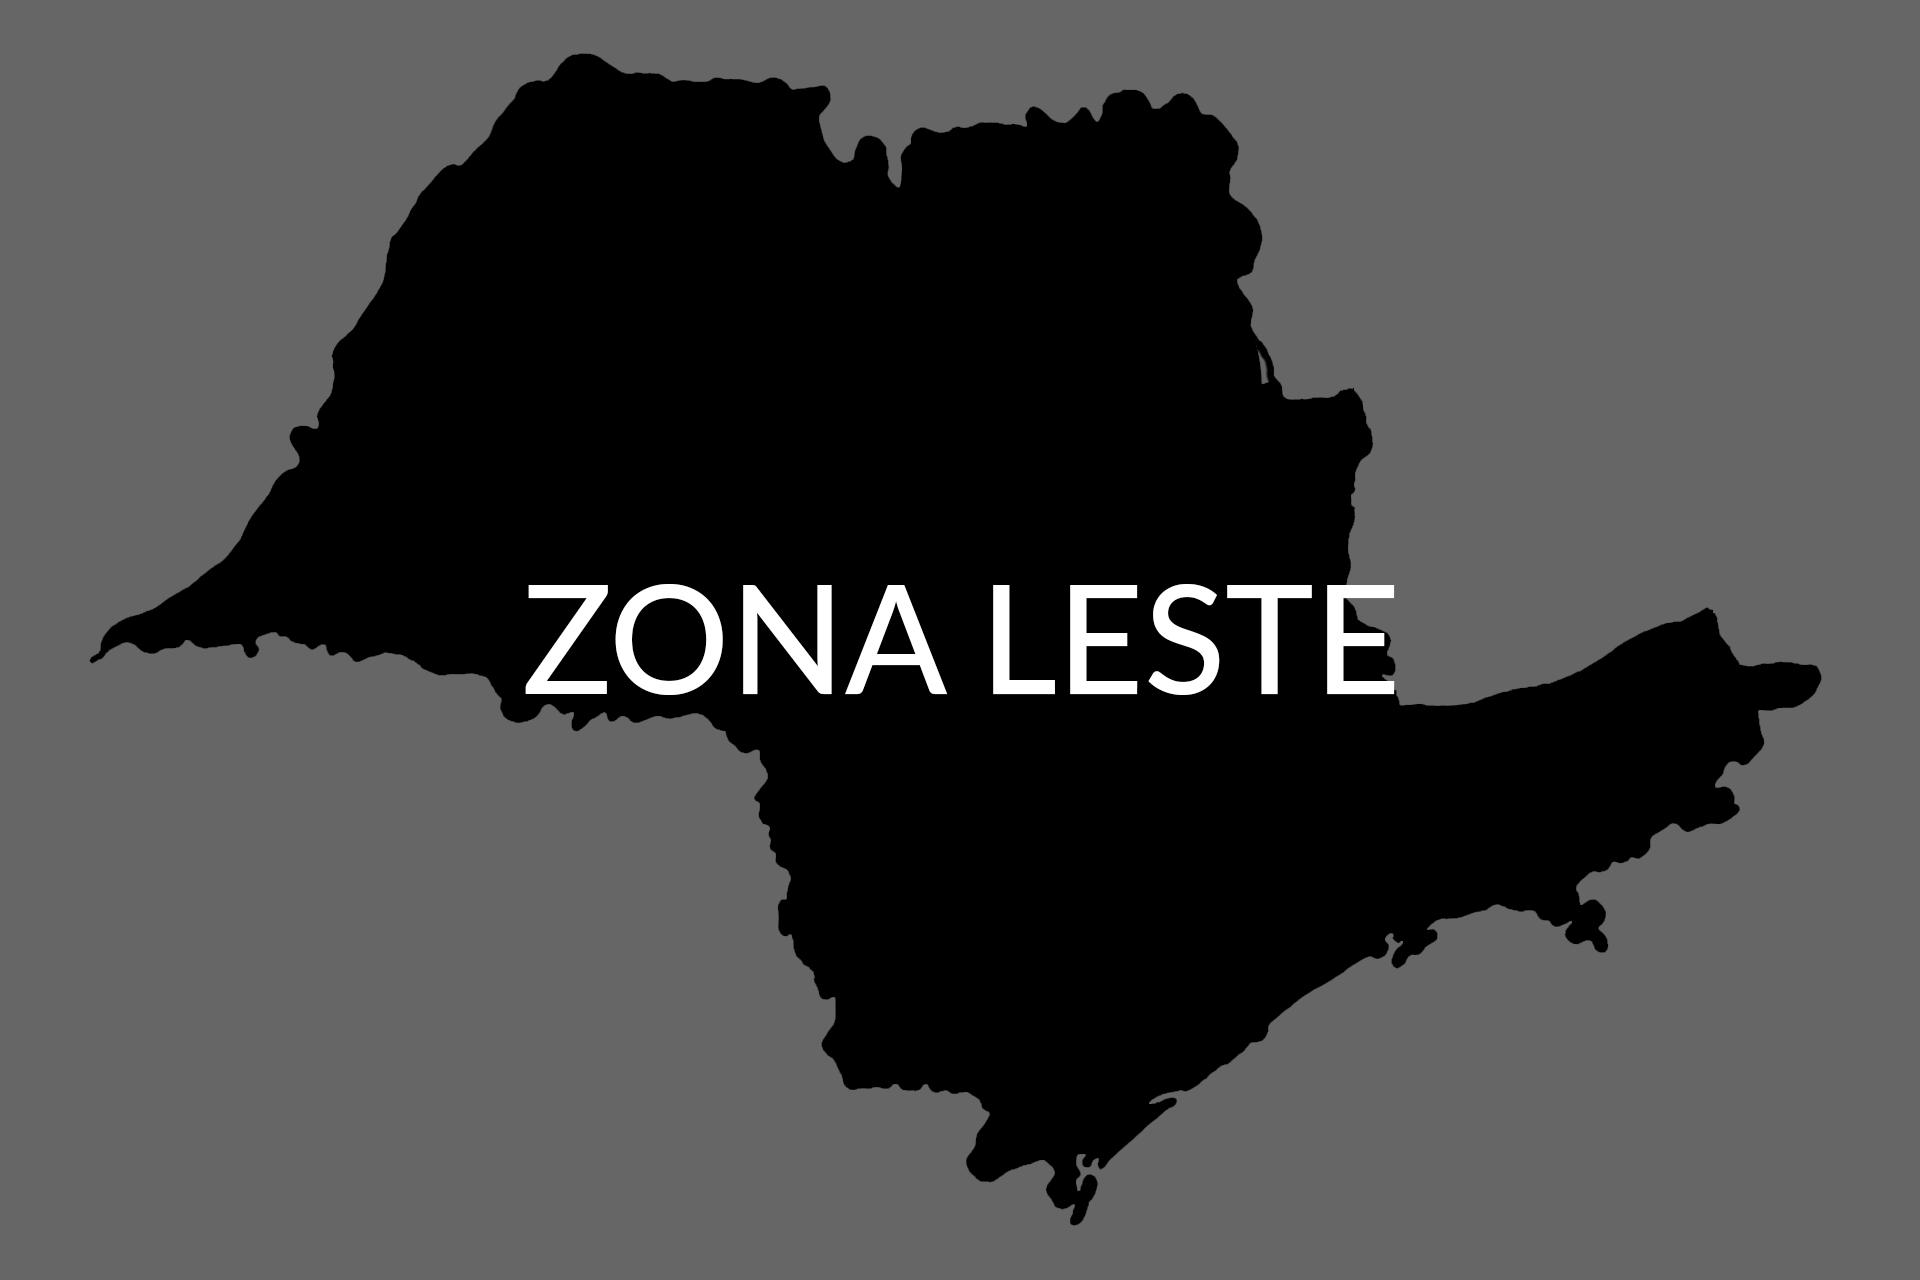 ZONA LESTE